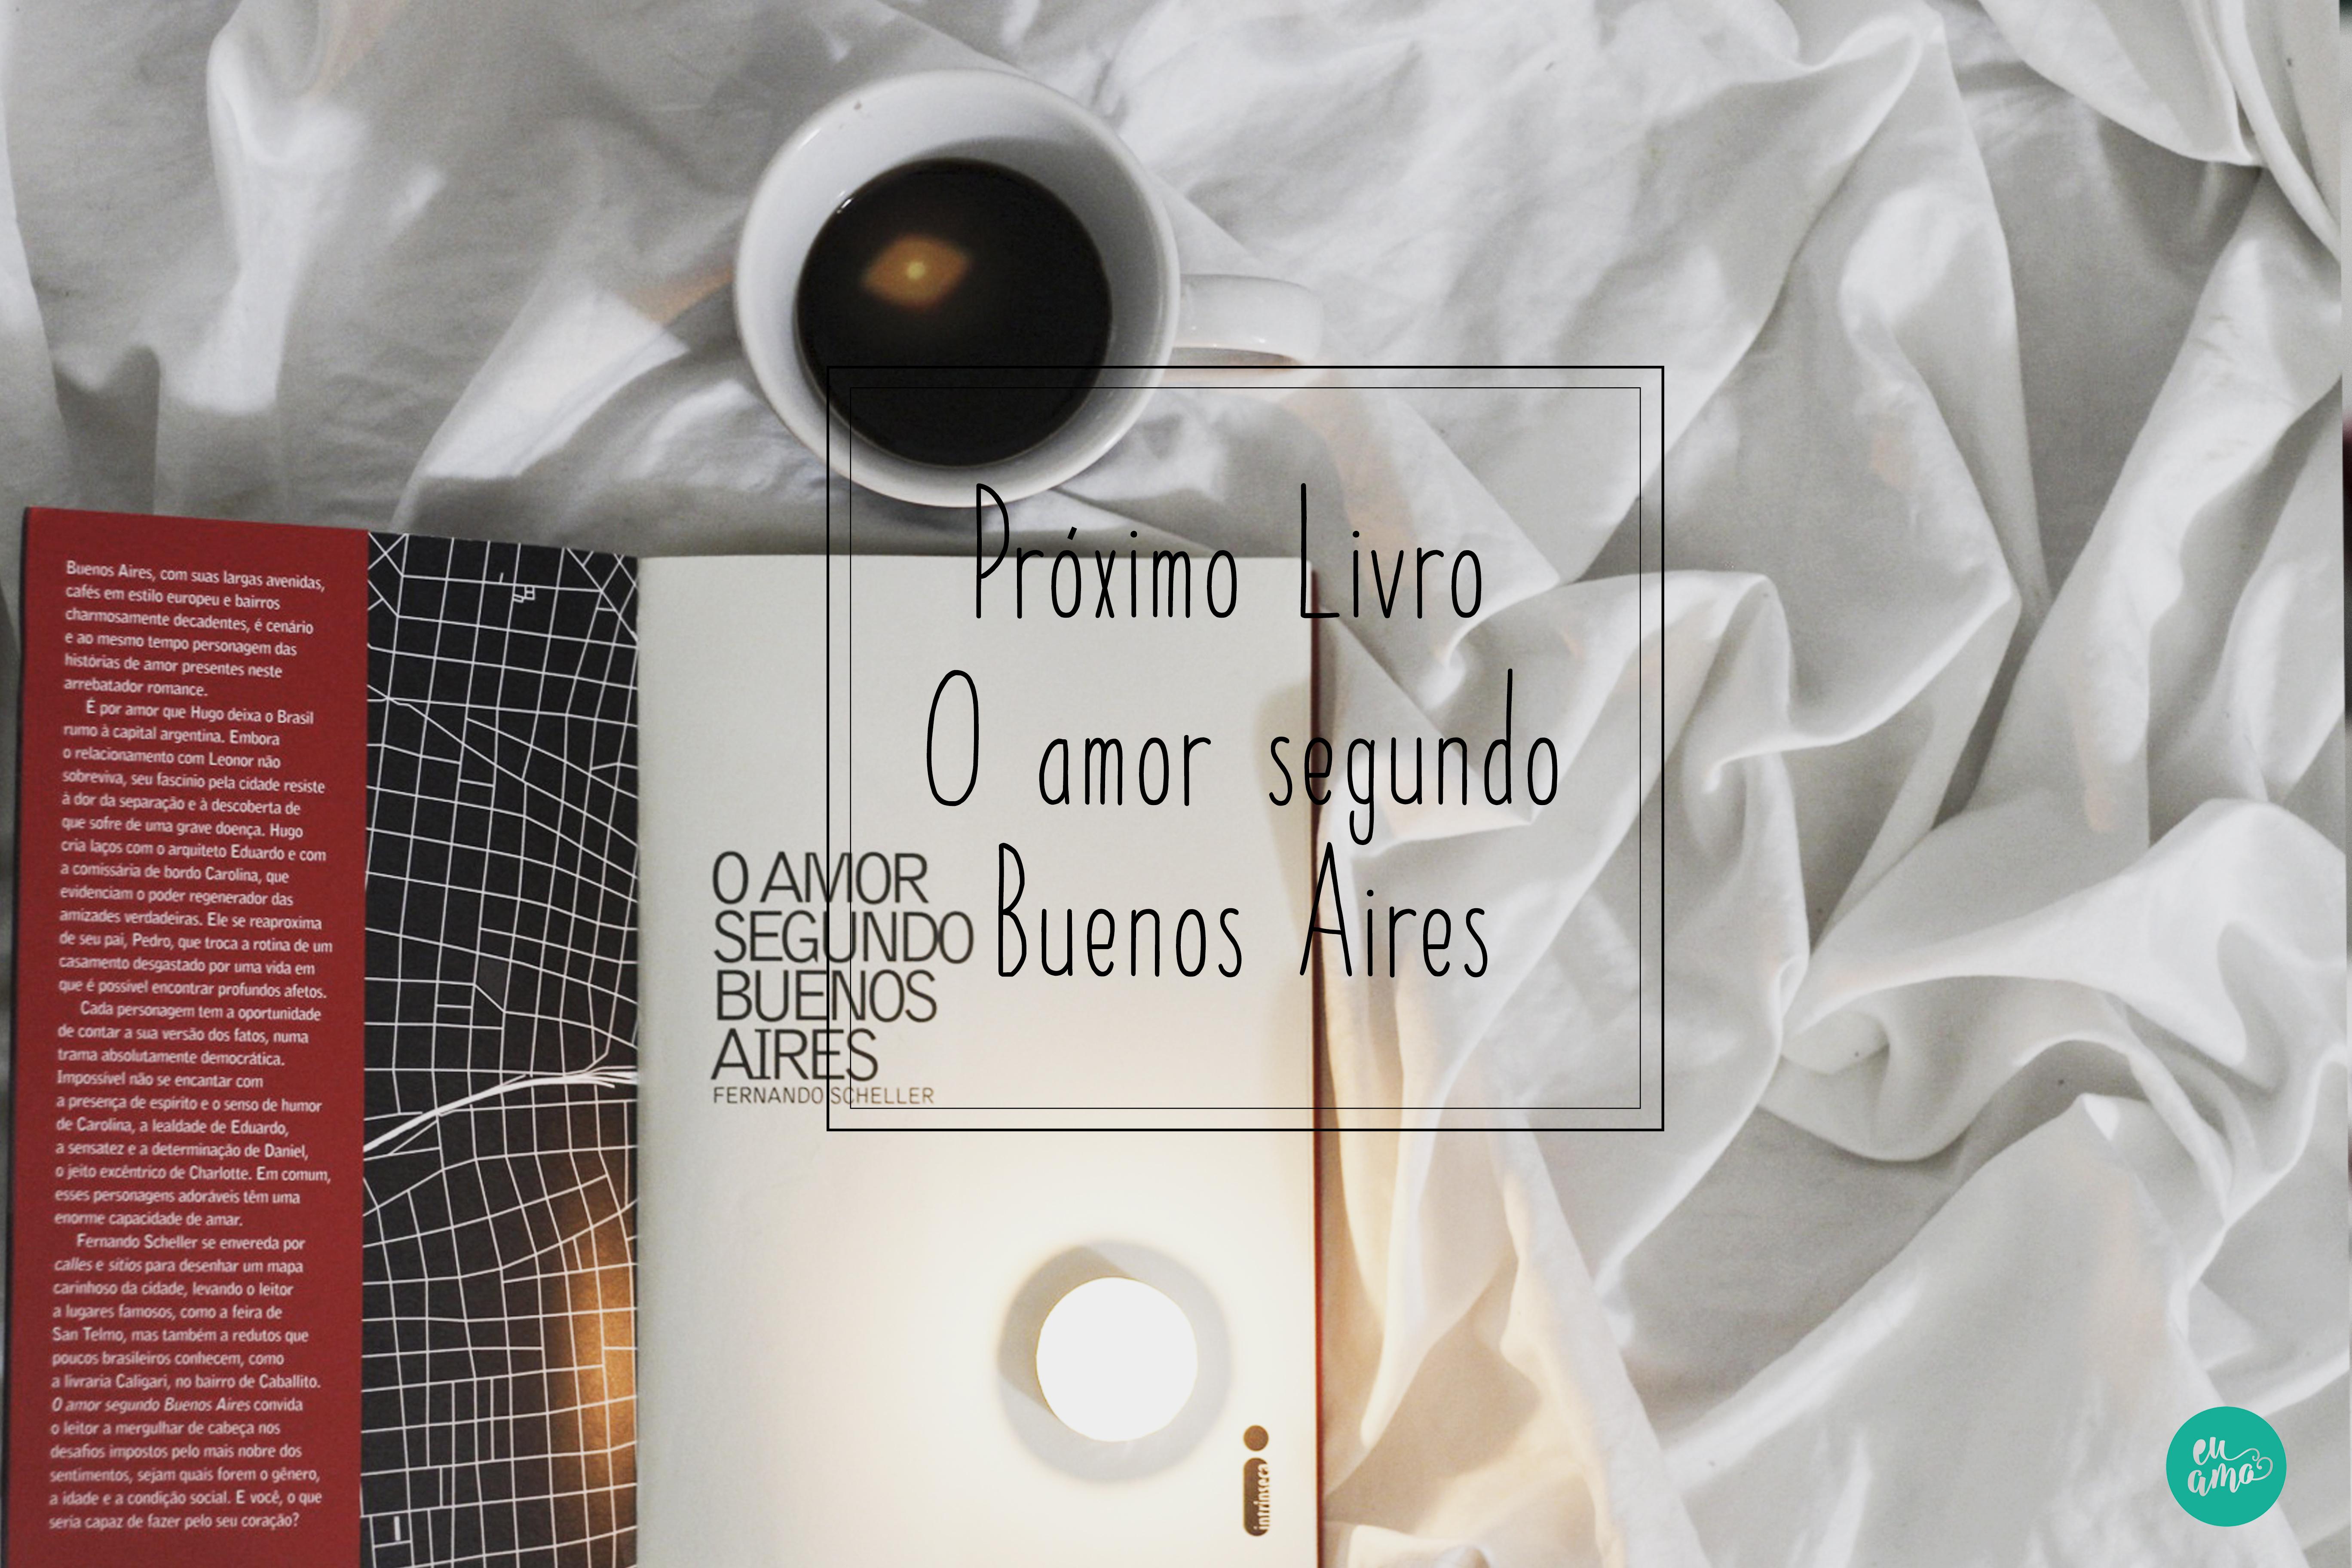 Próximo livro – O amor seguindo Buenos Aires